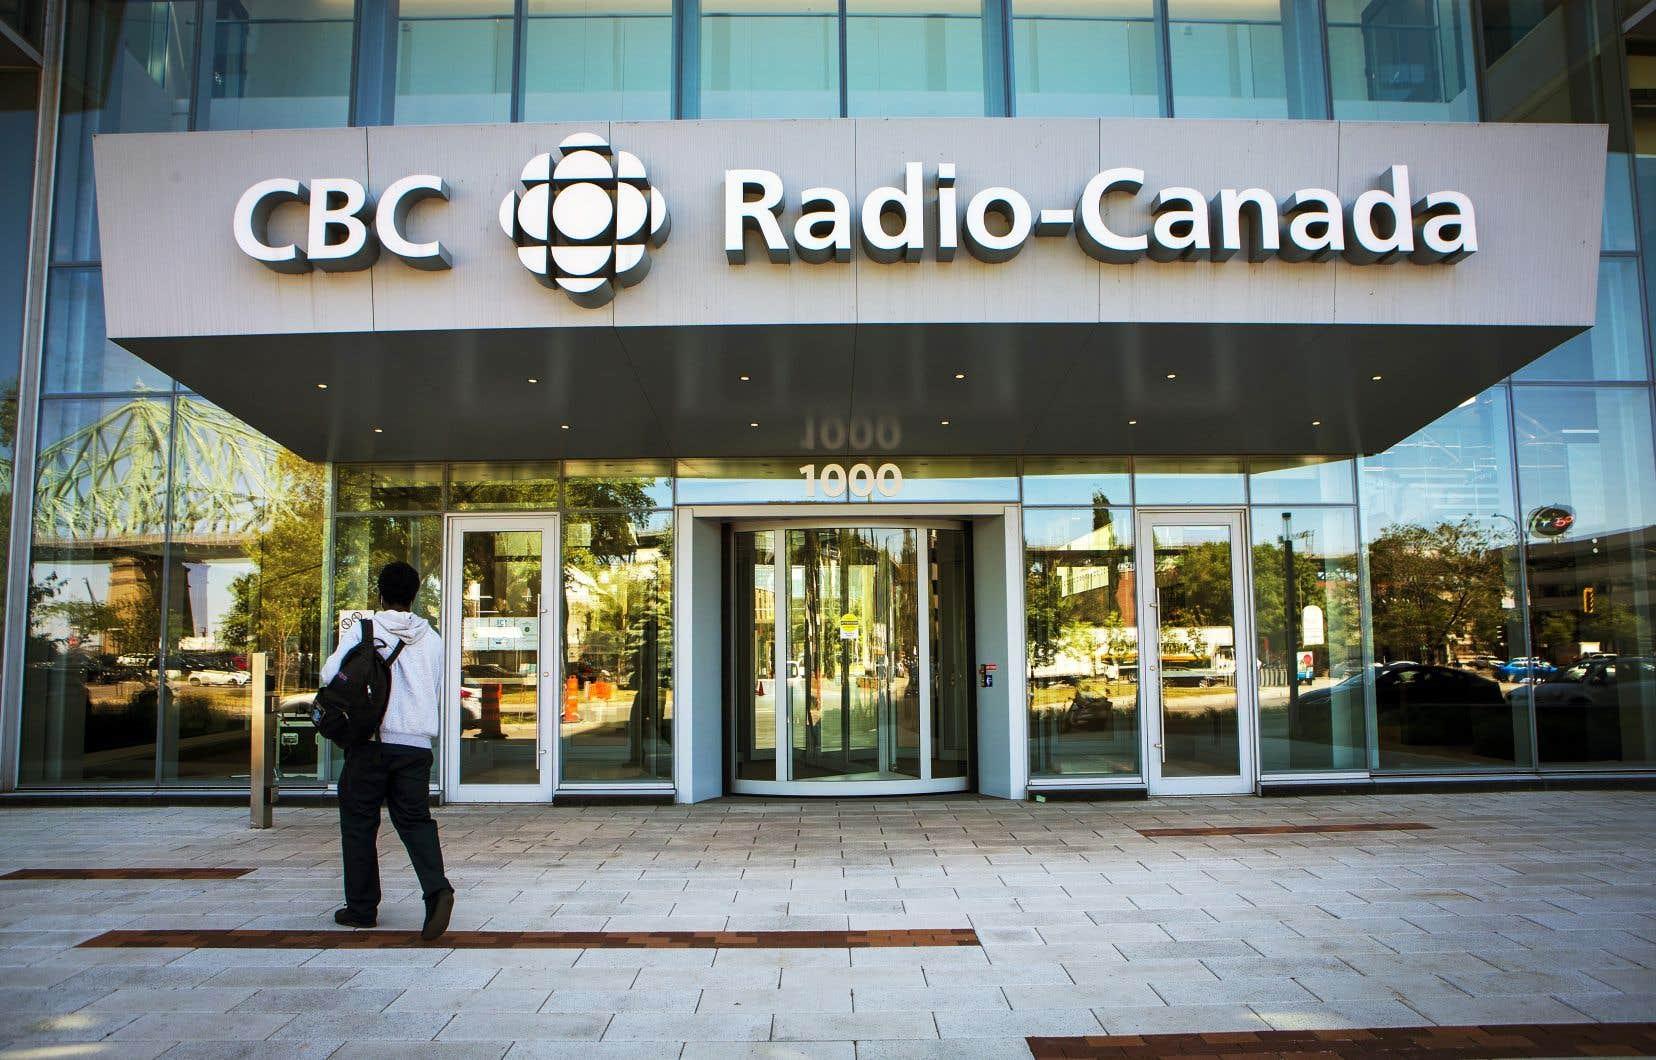 Selon l'ombudsman Pierre Champoux, l'équipe de l'émission «Bien entendu» avait «amplement» le temps de faire les «vérifications nécessaires» et de «mieux encadrer sa présentation», puisque l'entrevue a été enregistrée six jours avant sa diffusion.